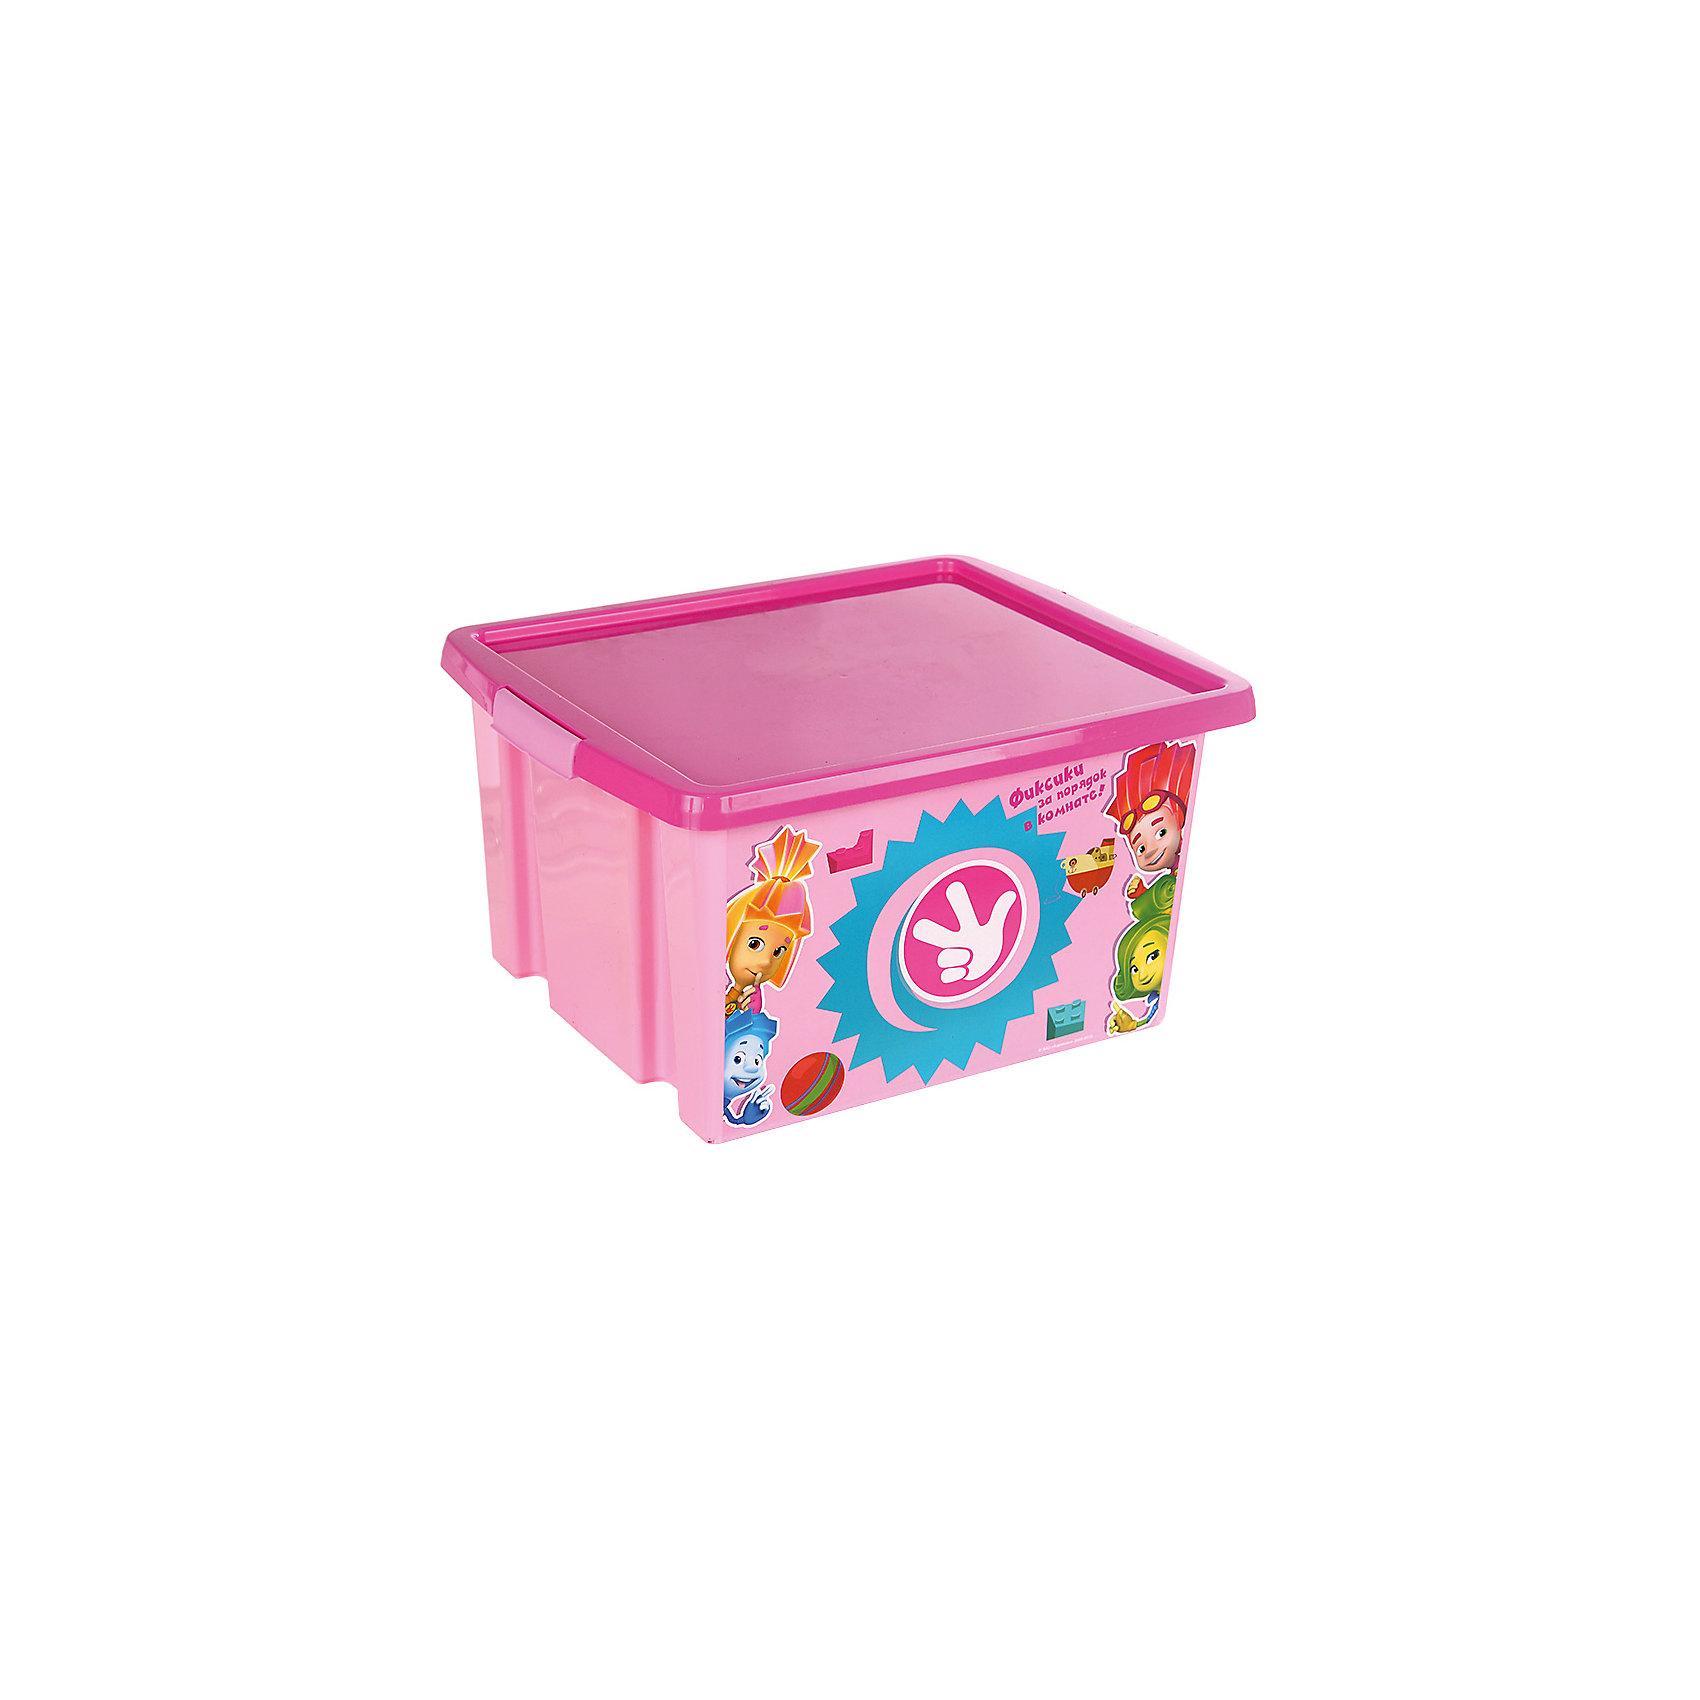 Ящик для игрушек Фиксики, 30 л, розовыйПорядок в детской<br>Яркий и удобный ящик с изображениями любимых героев обязательно понравится детям и приучит их к порядку. Ведь убирать вещи и игрушки в такой контейнер - одно удовольствие! Вместительный ящик выполнен из высококачественного прочного пластика безопасного для детей. <br><br>Дополнительная информация:<br><br>- Материал: пластик.<br>- Размер: 47х37х25 см.<br>- Объем: 30 л.<br><br>Ящик для игрушек Фиксики, розовый, 30 л, можно купить в нашем магазине.<br><br>Ширина мм: 9999<br>Глубина мм: 9999<br>Высота мм: 9999<br>Вес г: 300<br>Возраст от месяцев: 12<br>Возраст до месяцев: 120<br>Пол: Унисекс<br>Возраст: Детский<br>SKU: 4718459